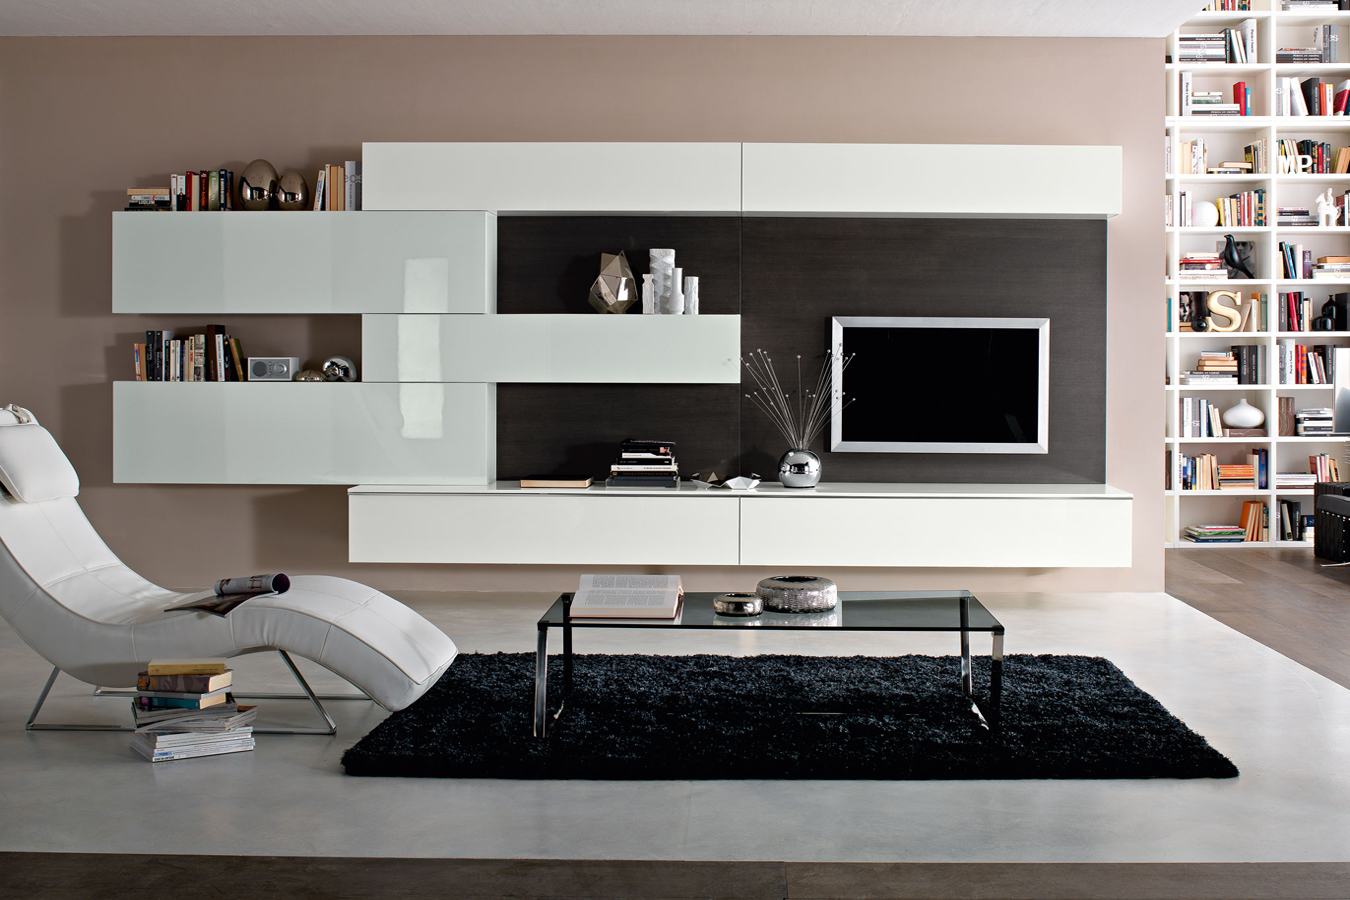 Soggiorno collezione contenitori di kico righetti mobili - Mobili contenitori soggiorno ...